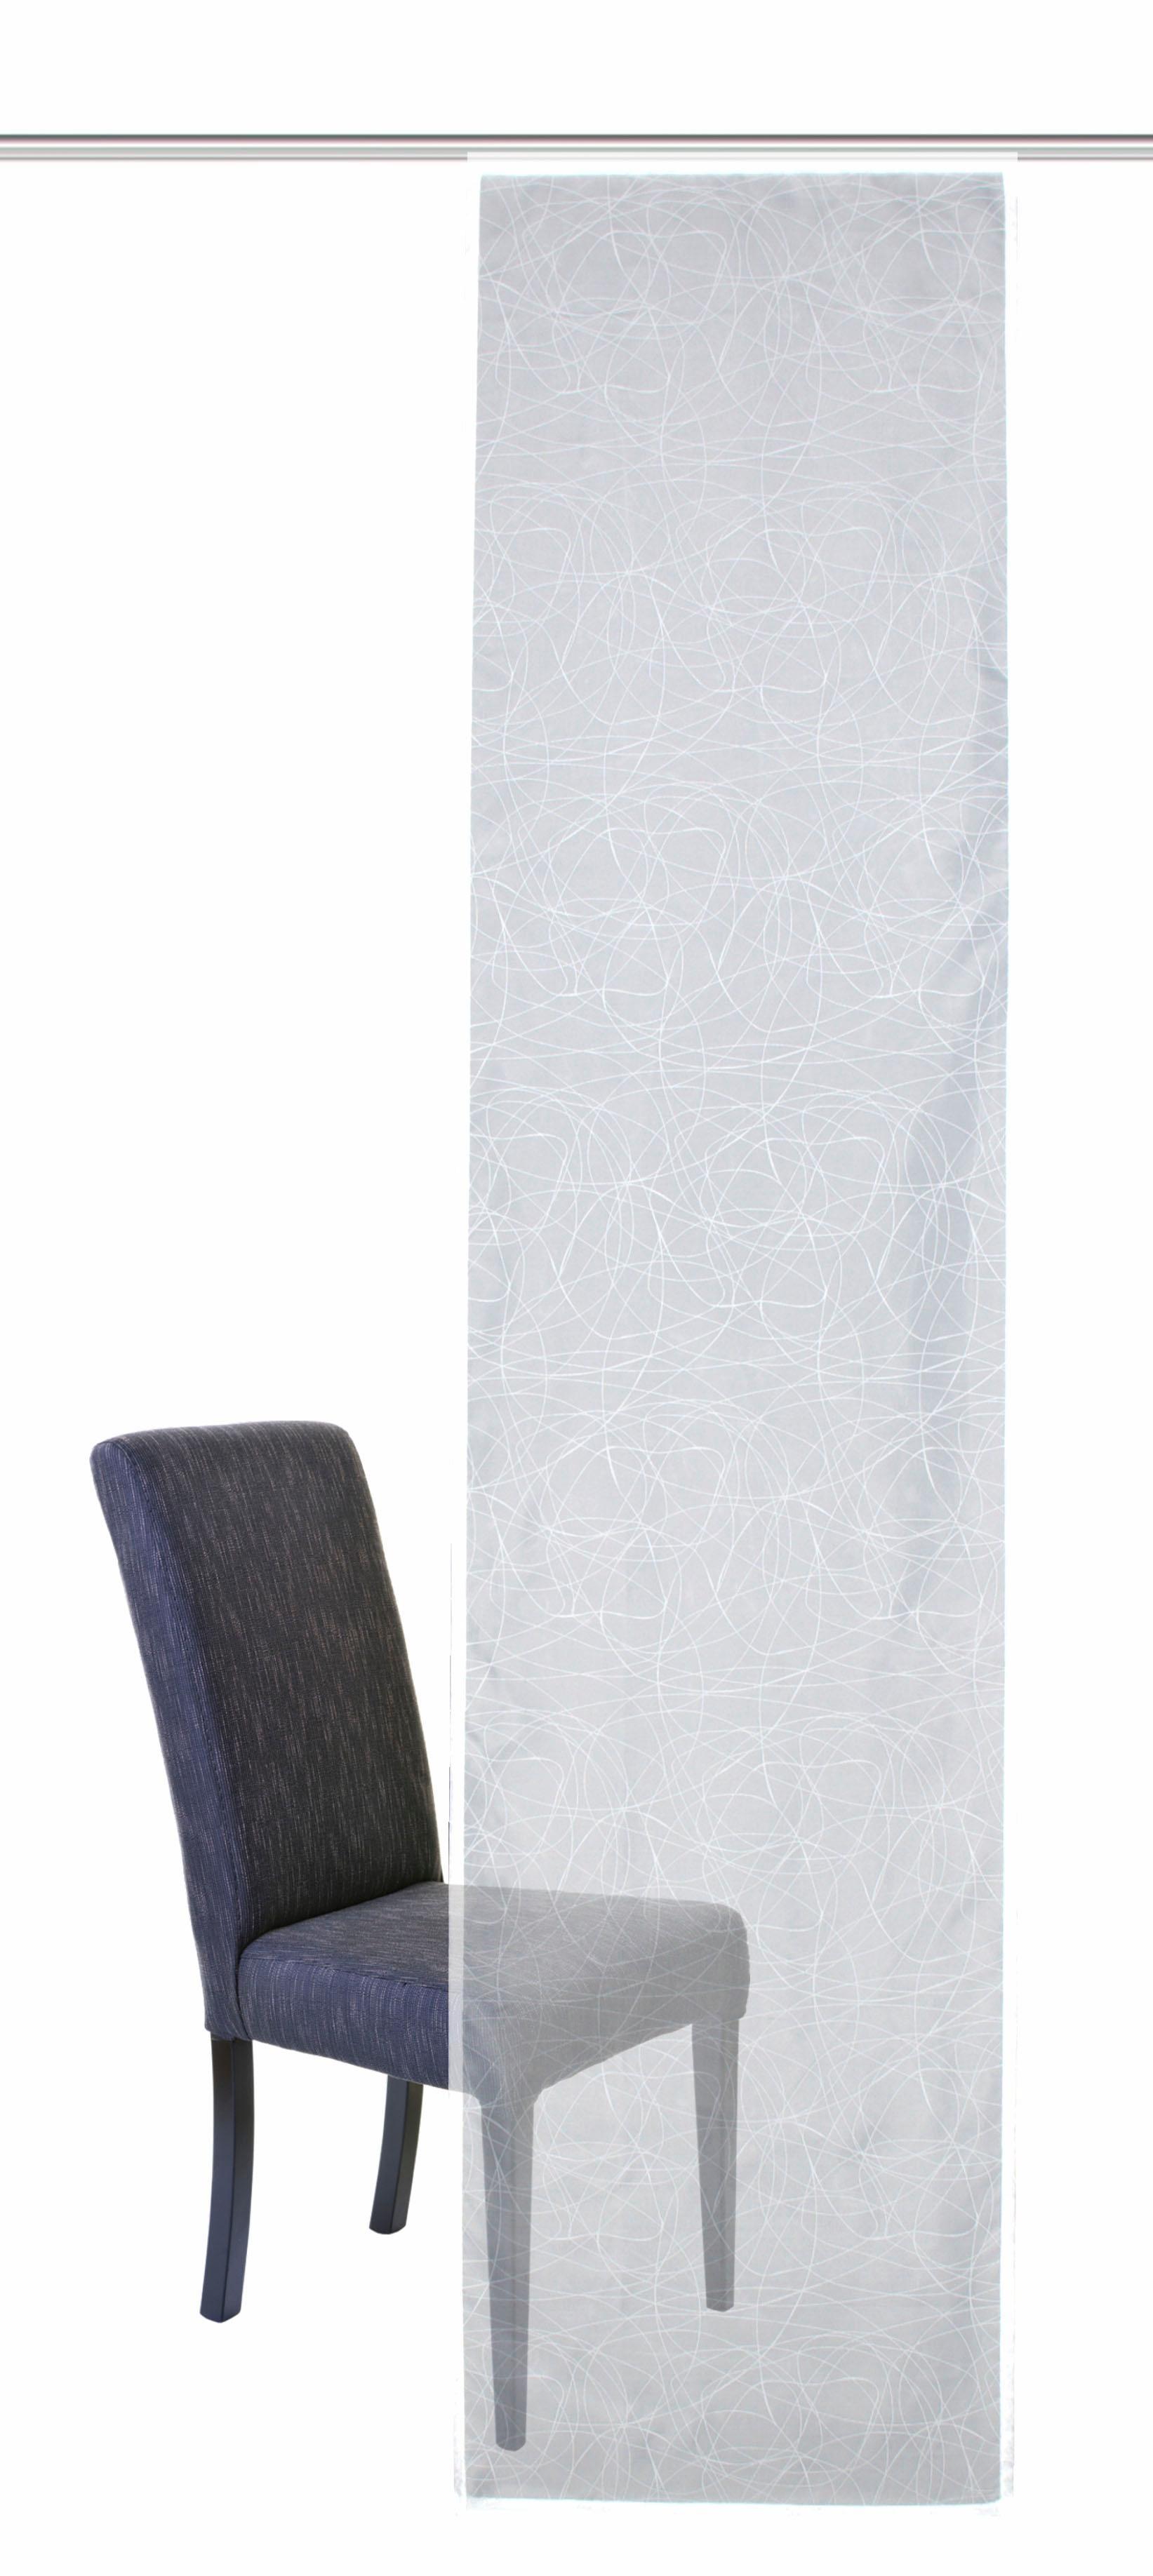 Schiebegardine Ilanz Home Wohnideen Klettband 1 Stuck